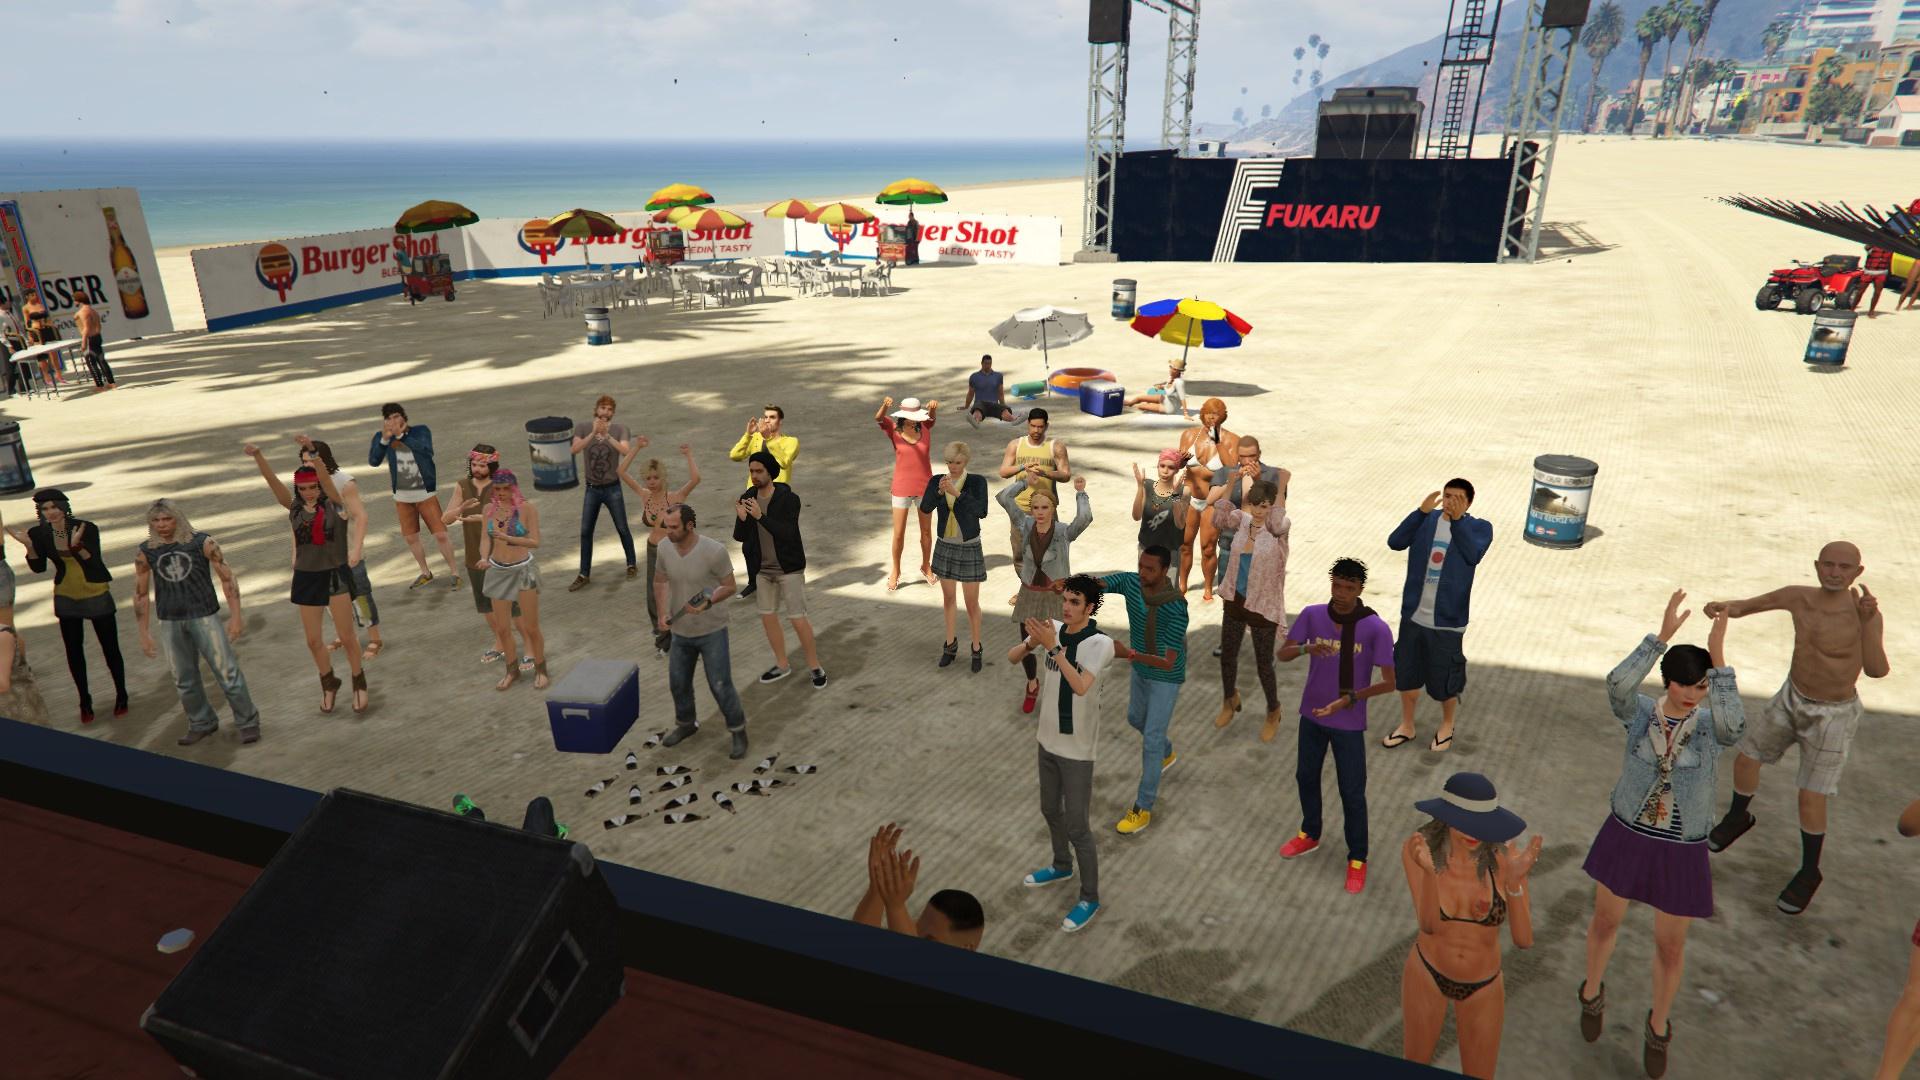 Summer Beach Festival Gta5 Mods Com